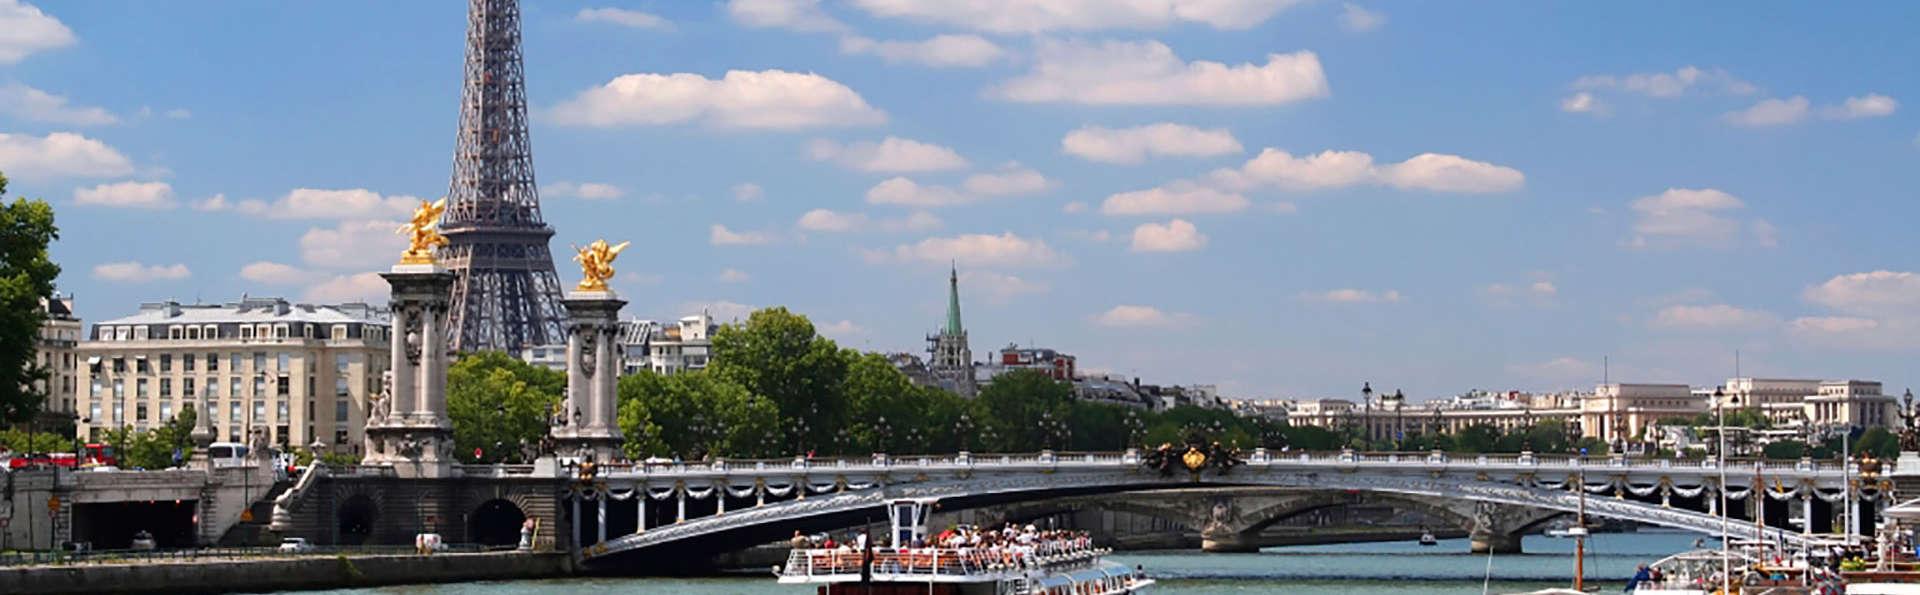 Ontdekkingscruise door Parijs aan boord van een bateau mouche (vanaf 2 nachten)